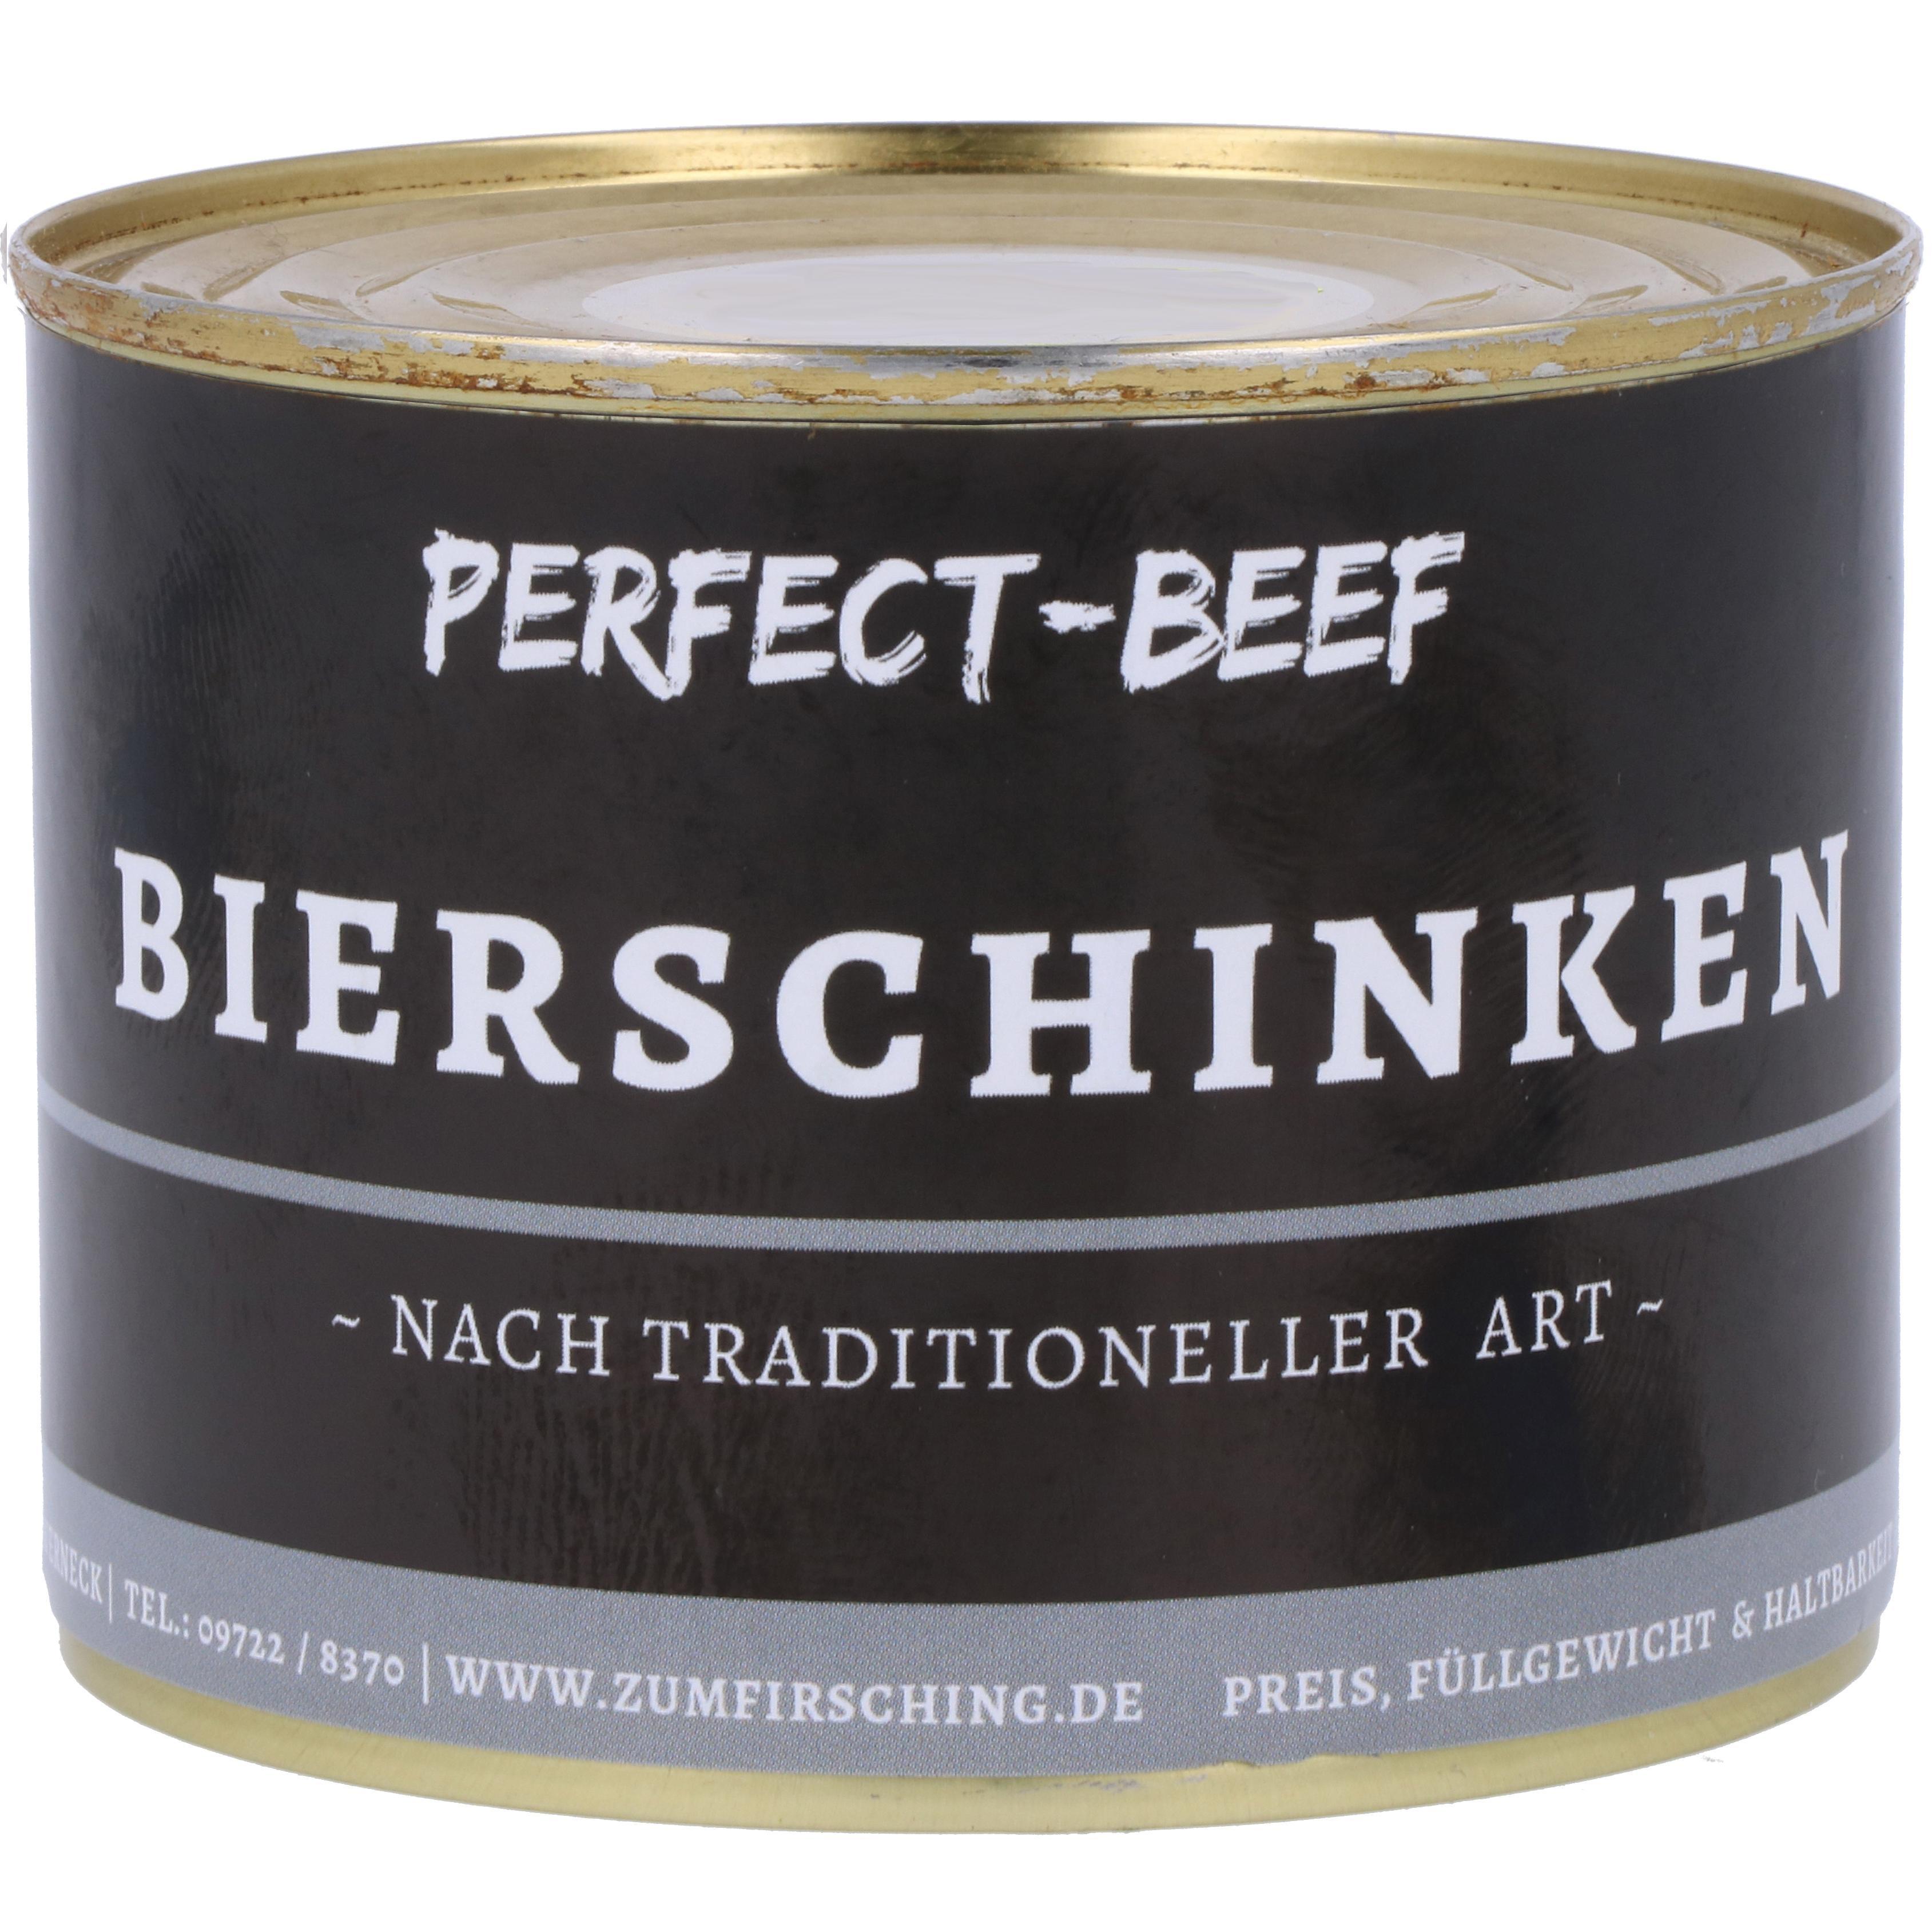 Firsching Bierschinken 200g